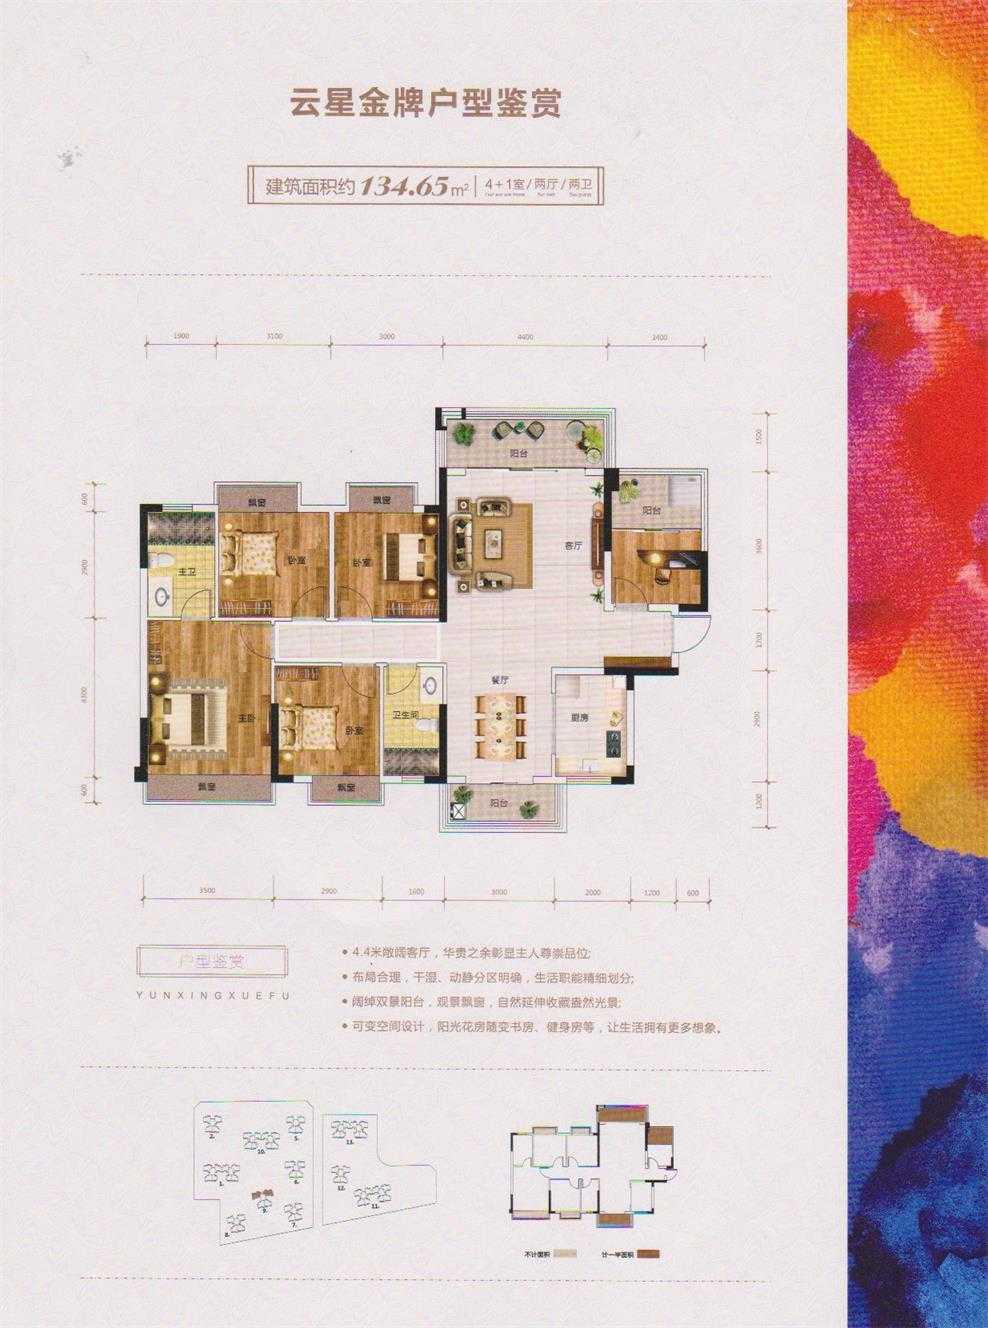 134.65㎡4+1室两厅两卫